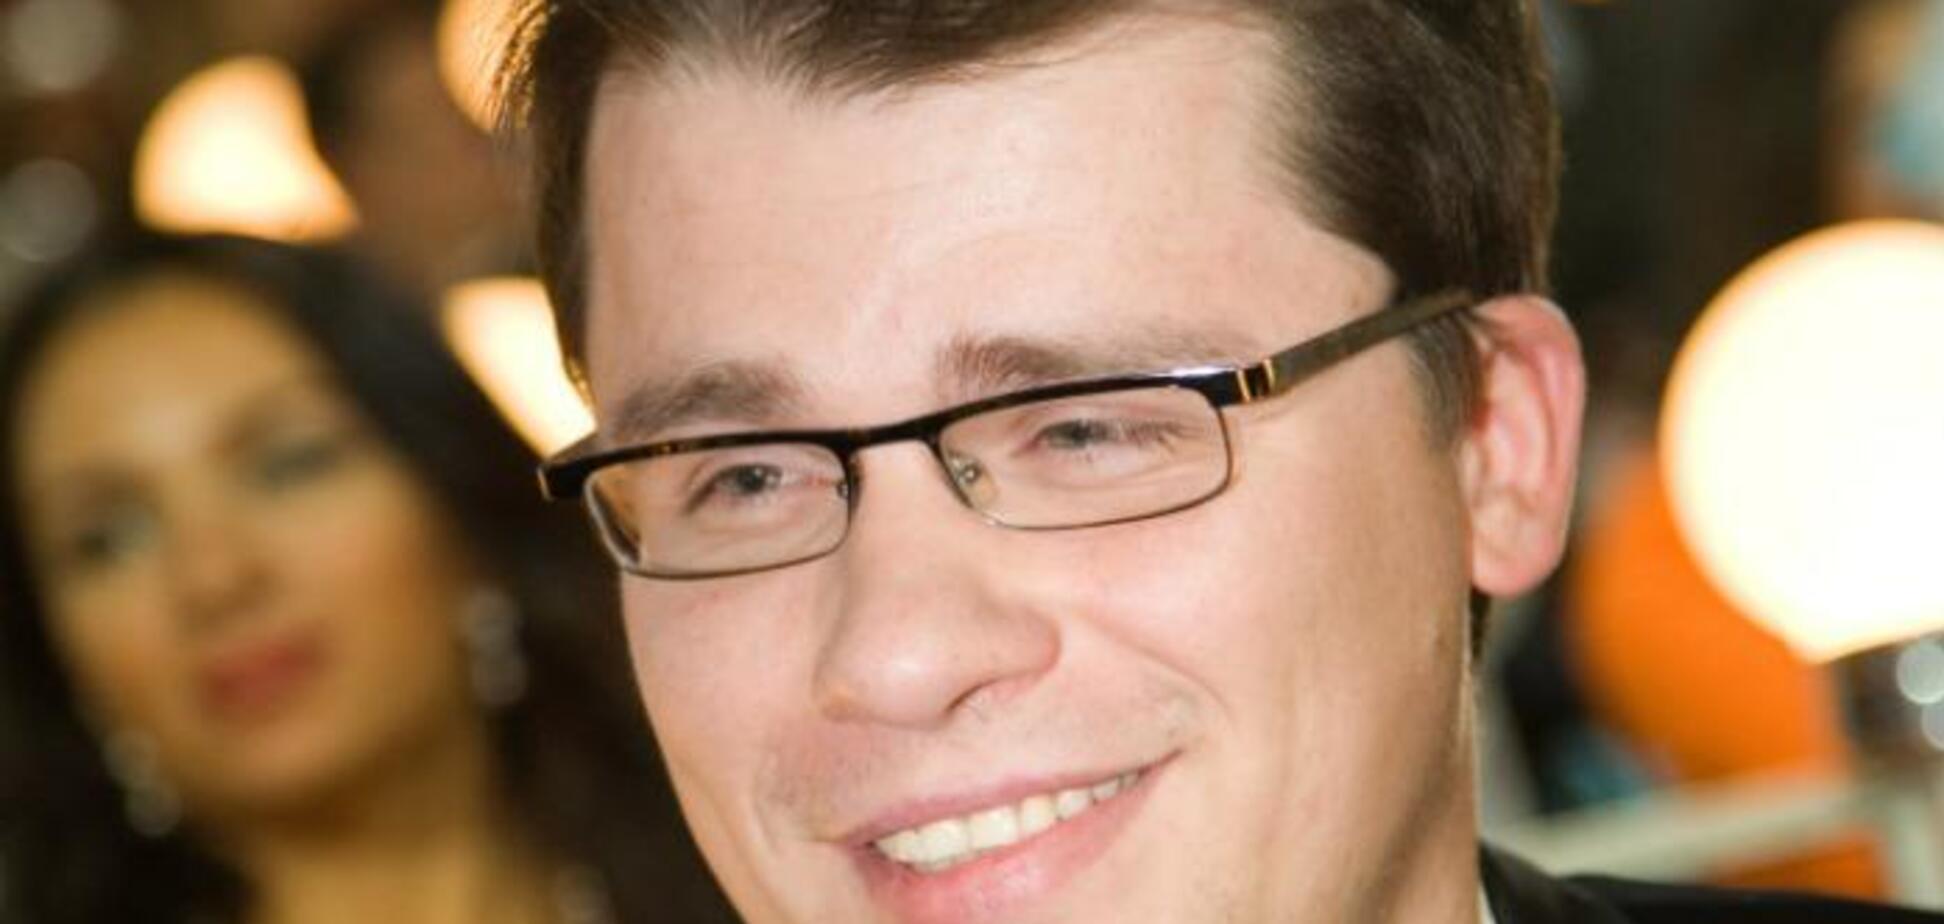 'Пойду навалю кучу': Гарик Харламов в Comedy Club разнес современный менеджмент